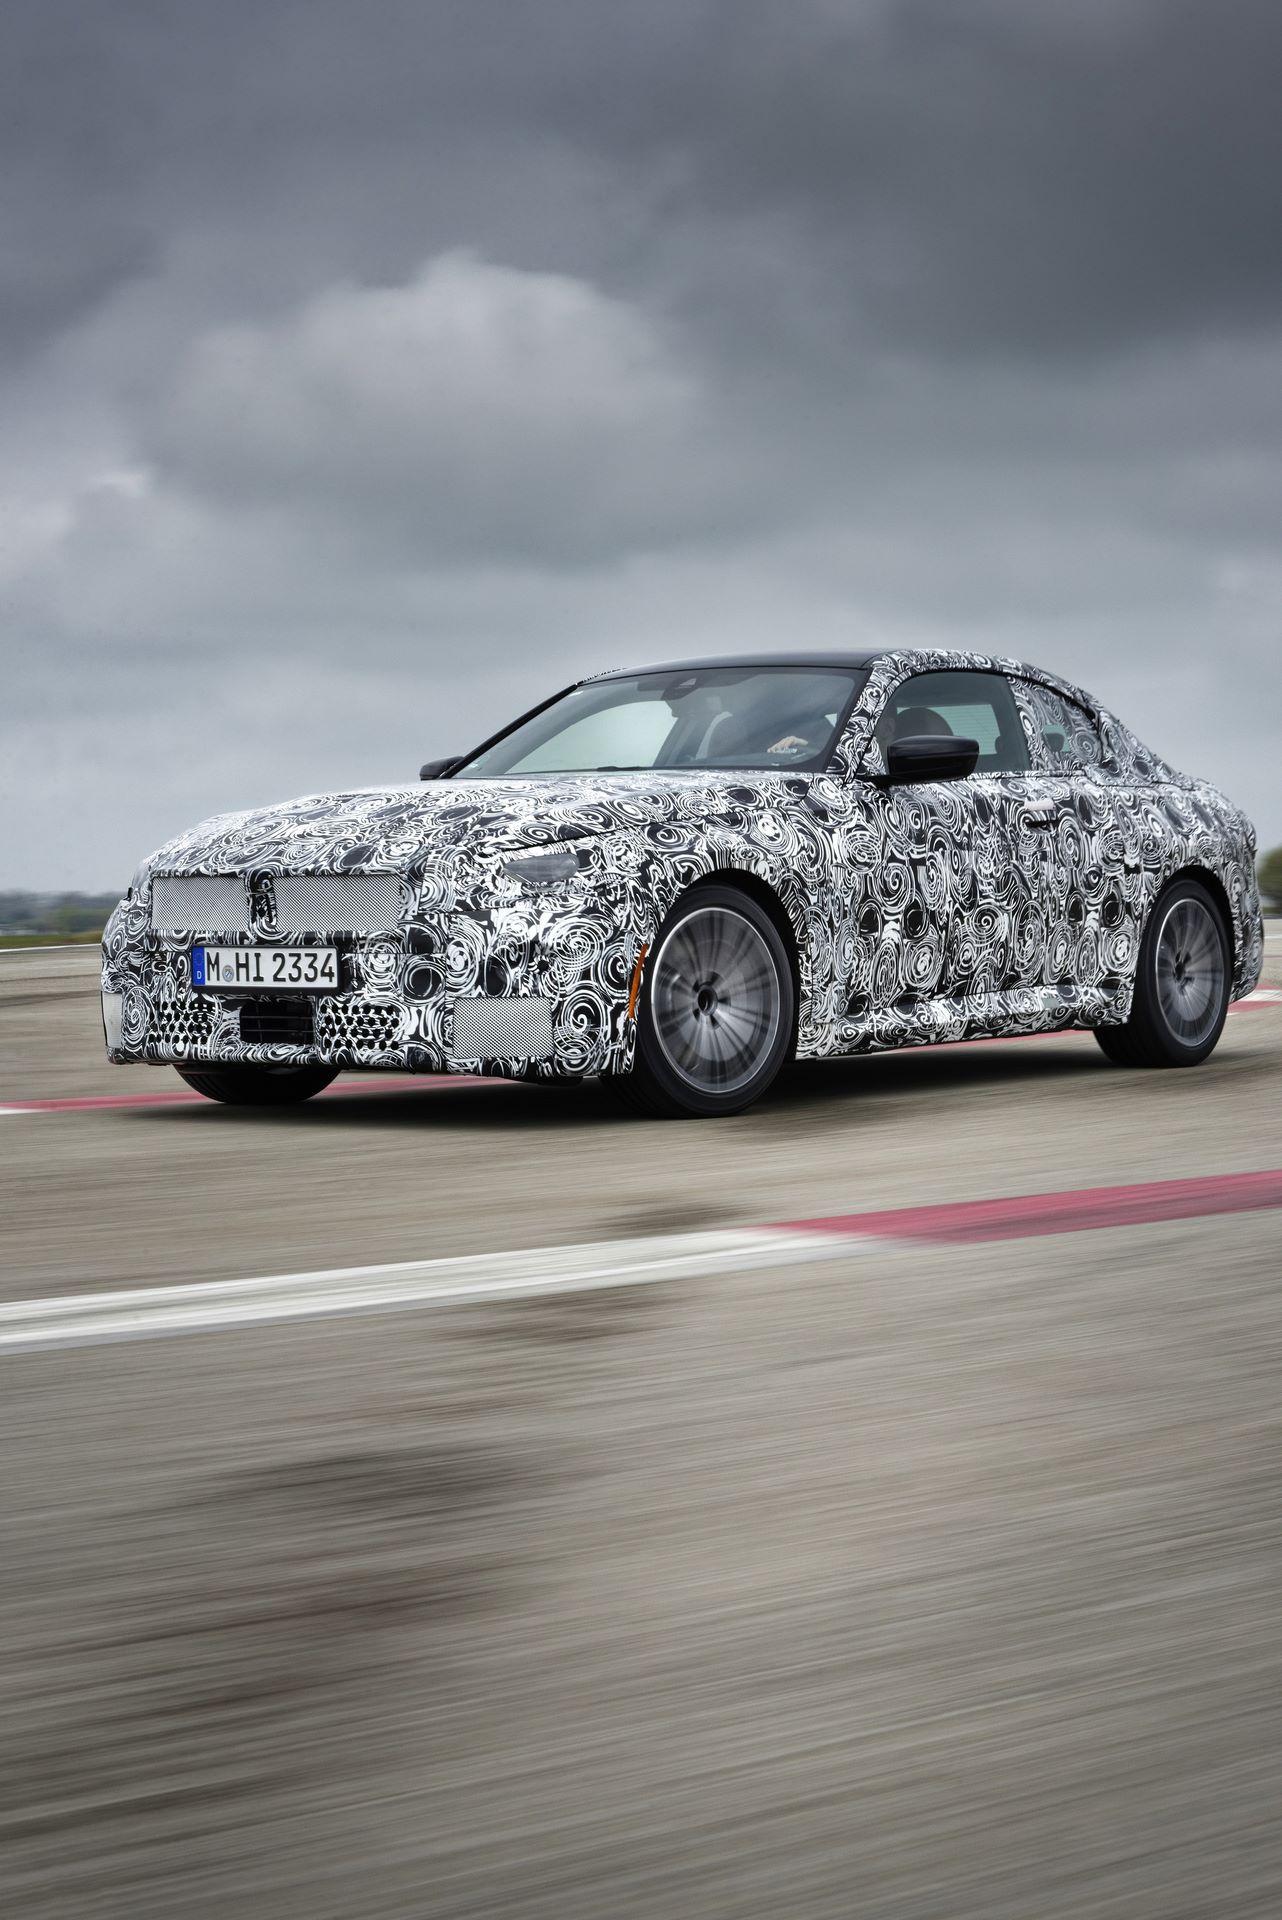 BMW-2-Series-M240i-spy-photos-26